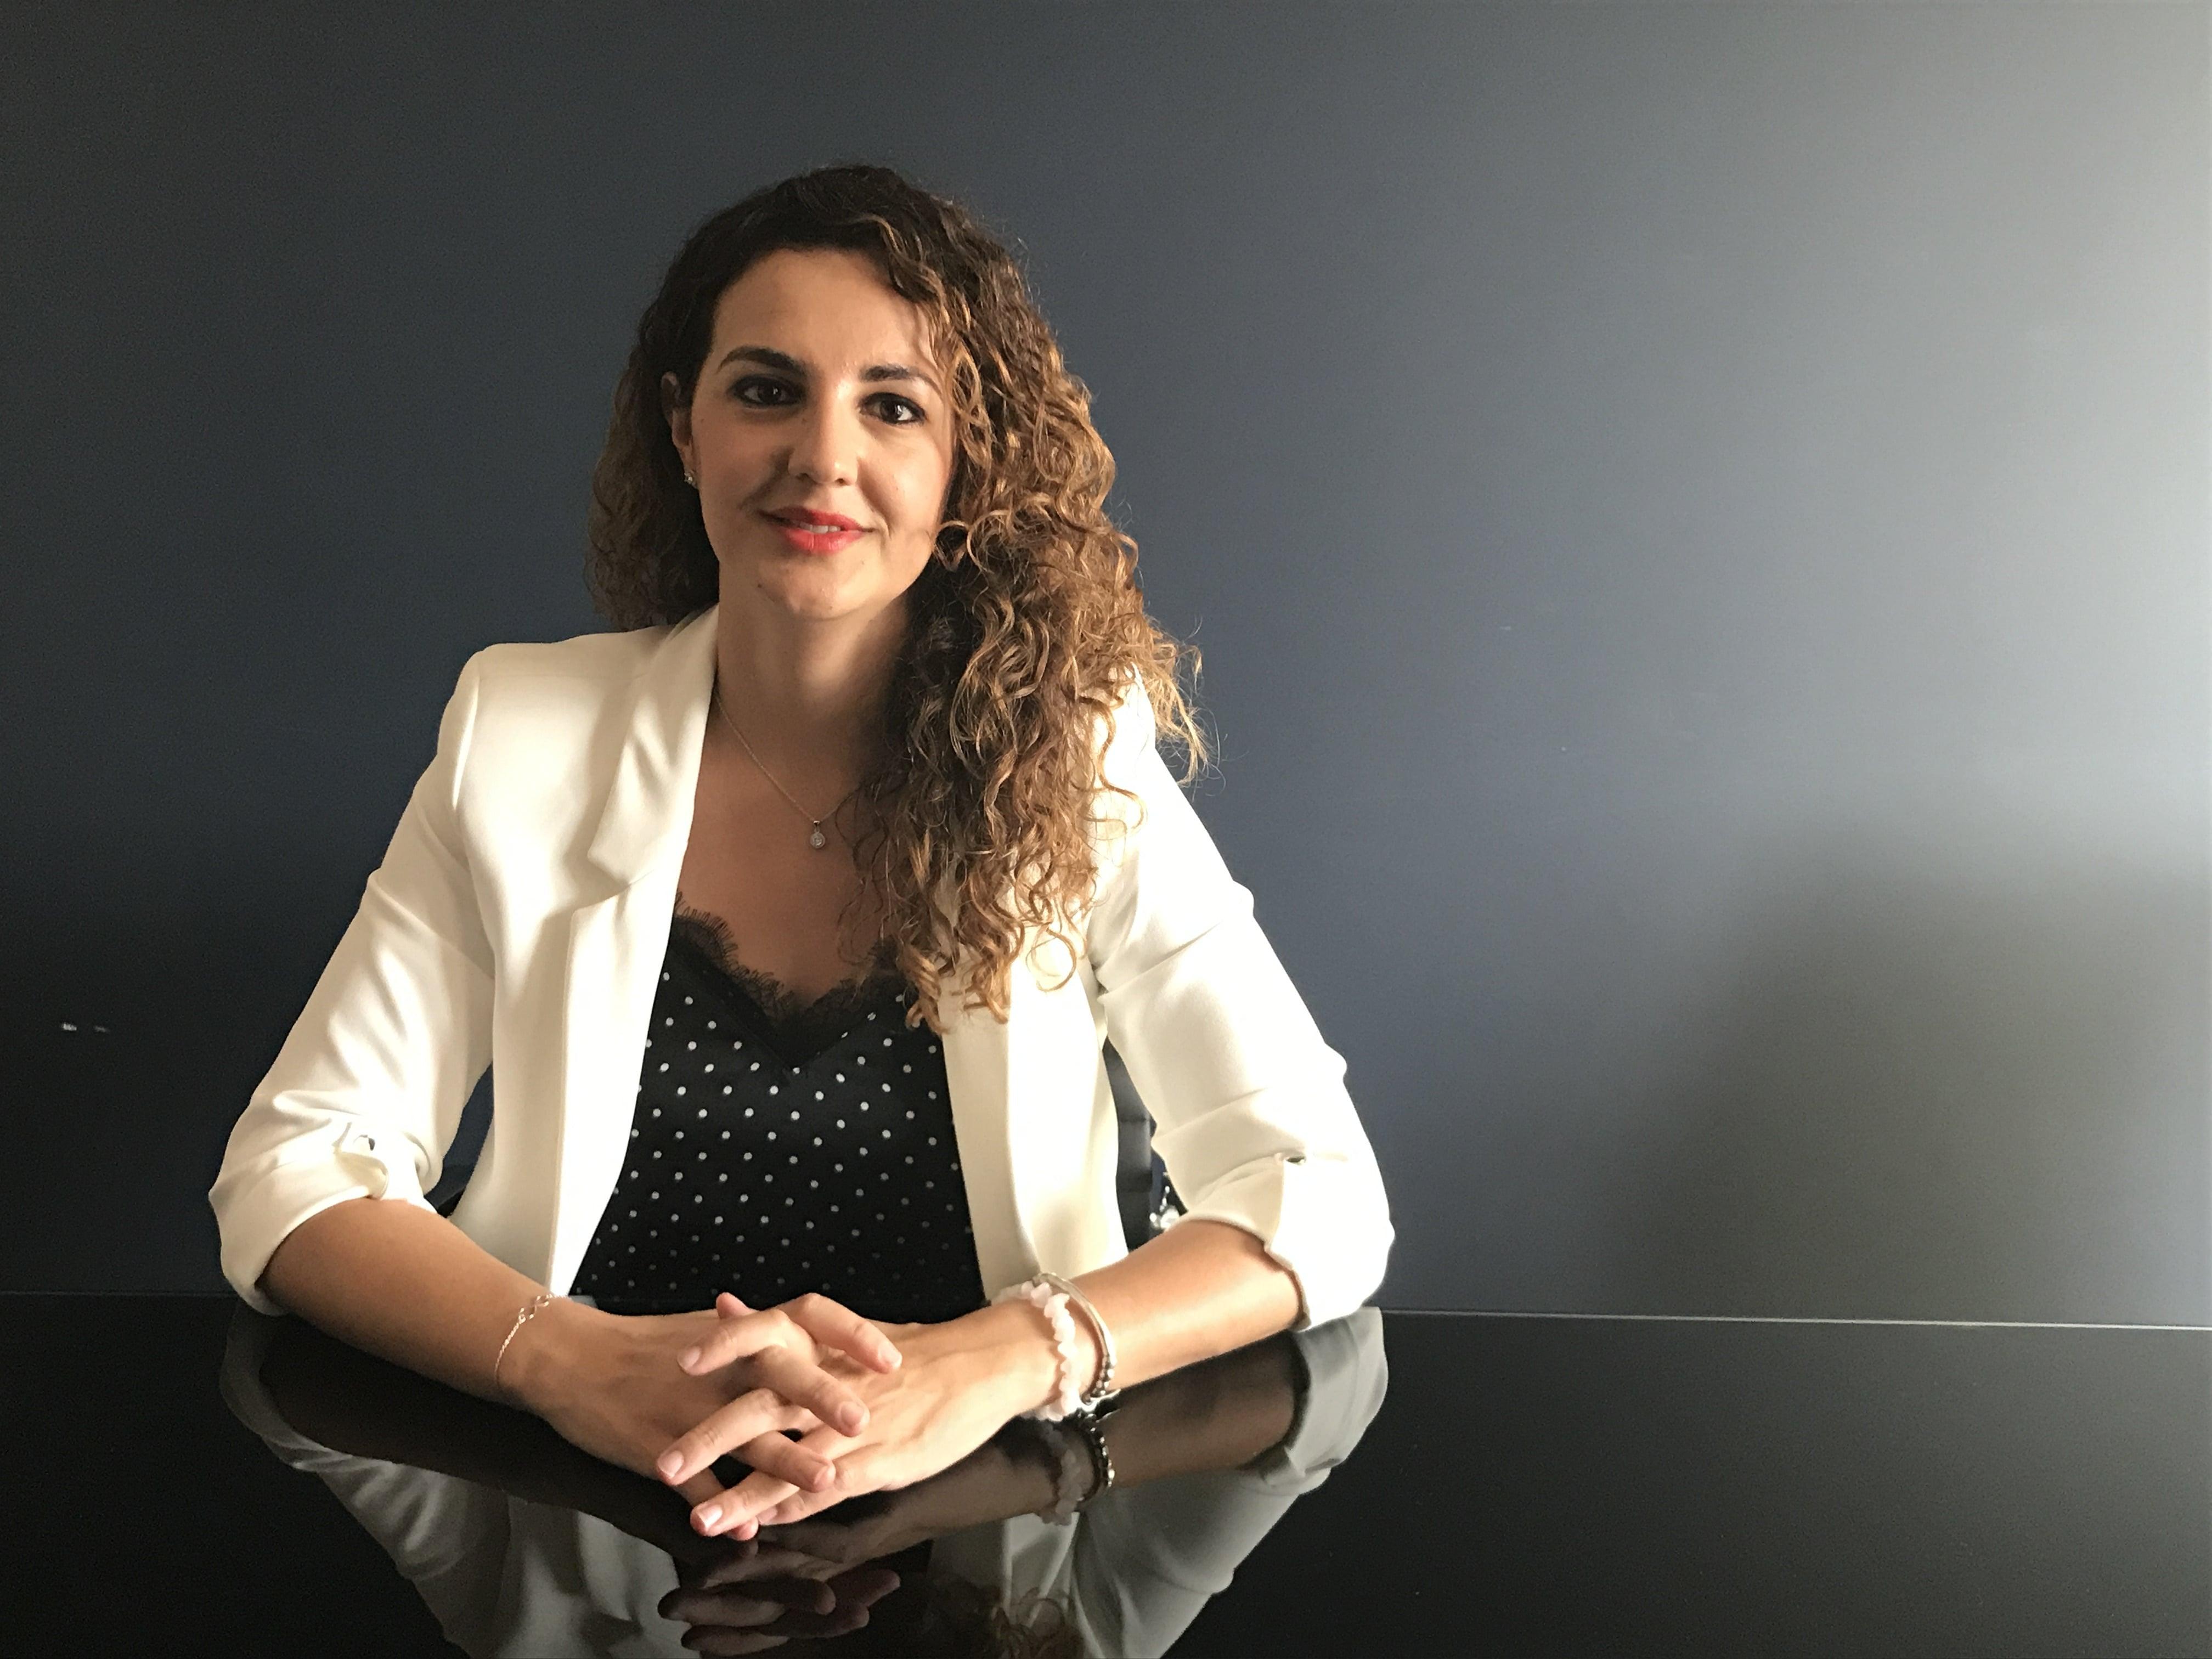 Abogacía comprometida con lo que más te importa - María del Carmen Gutiérrez Sanz, abogada de familia en Madrid.